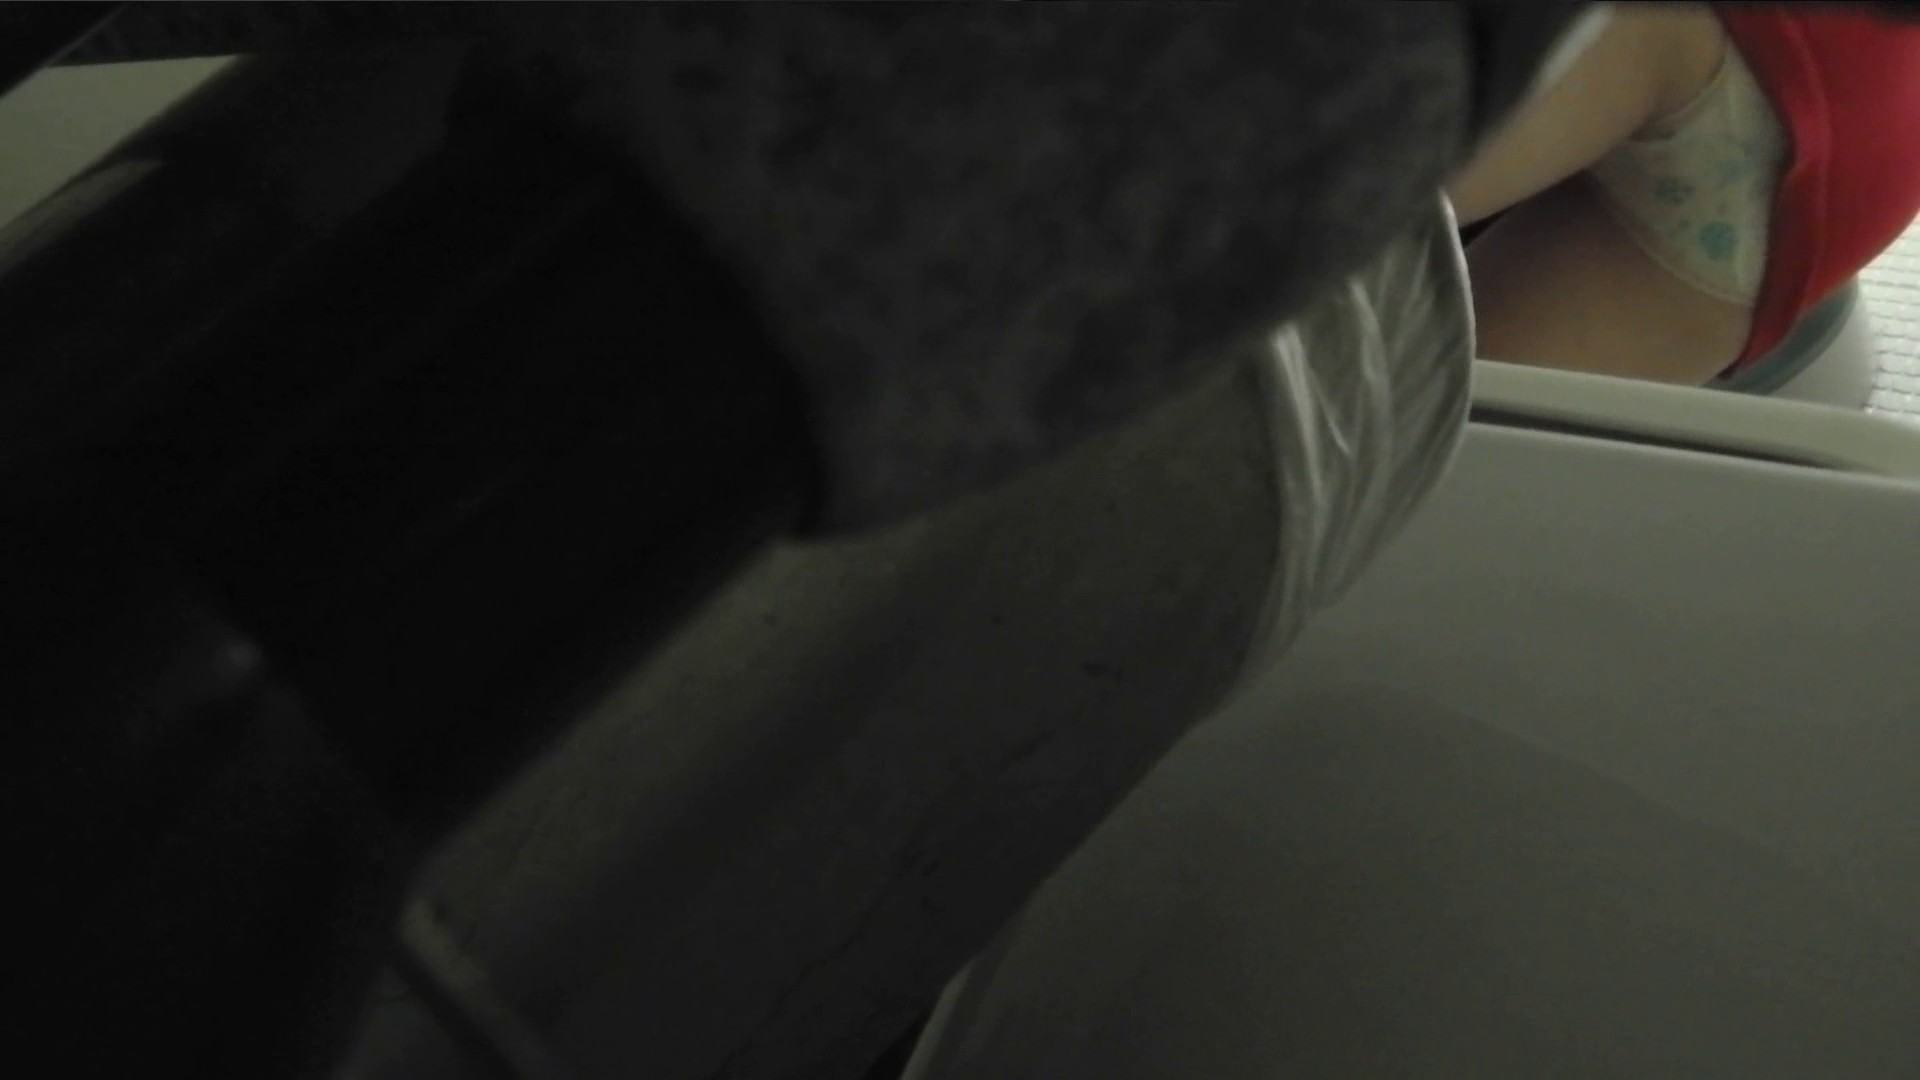 vol.02 着替えシーンもありマス 高画質動画 AV無料動画キャプチャ 109画像 14